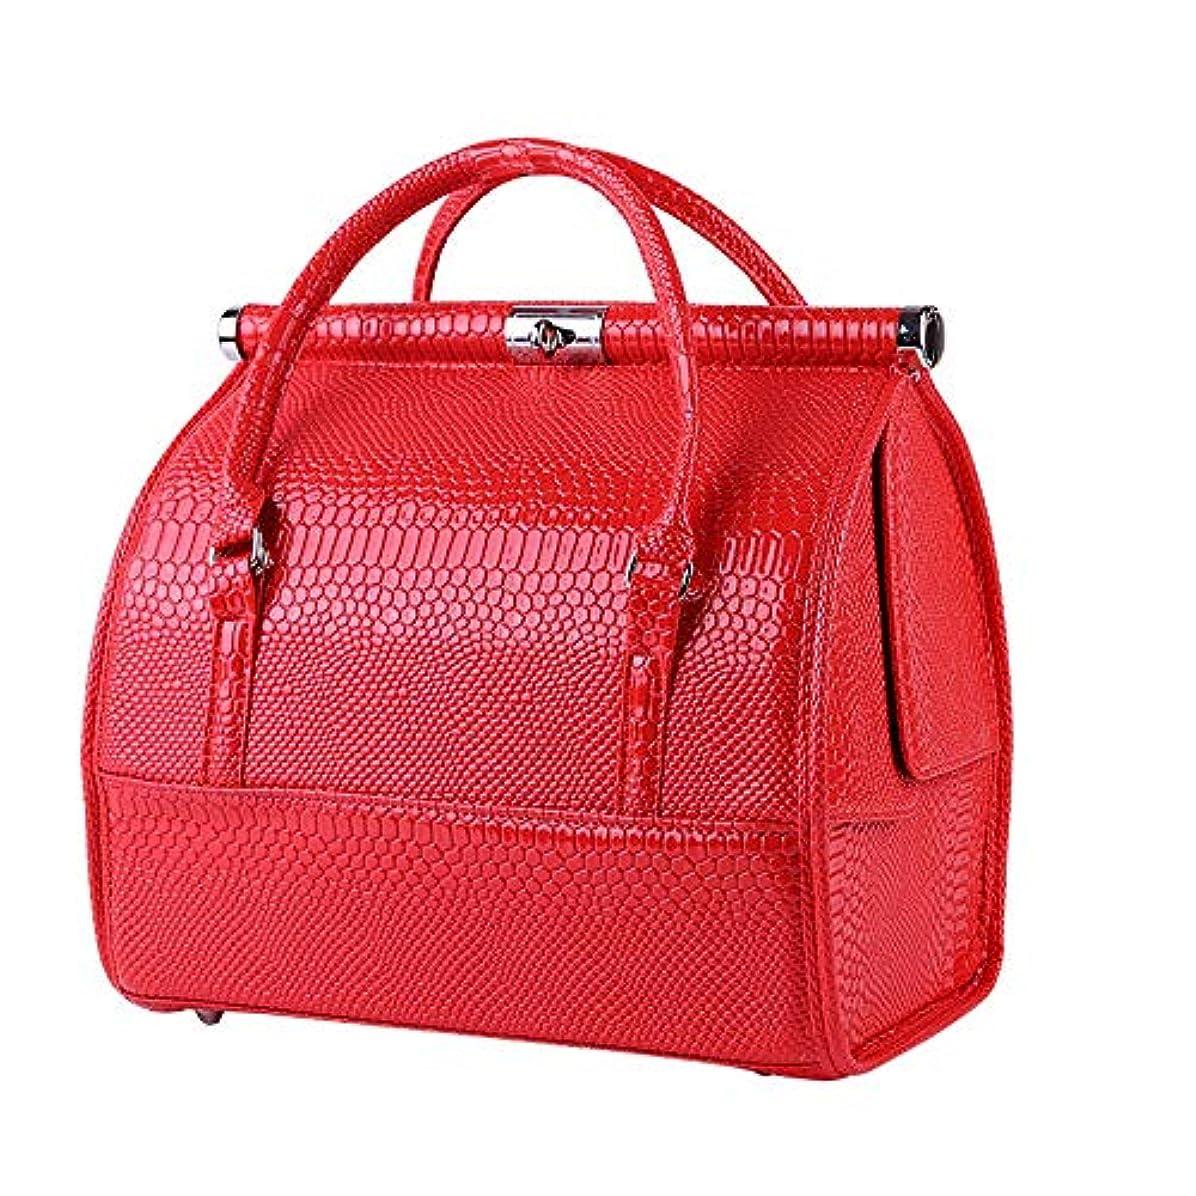 すでにどこにも愛情化粧オーガナイザーバッグ 女性の女性のための美容メイクアップのためのポータブル化粧品バッグ旅行と折り畳みトレイで毎日のストレージ 化粧品ケース